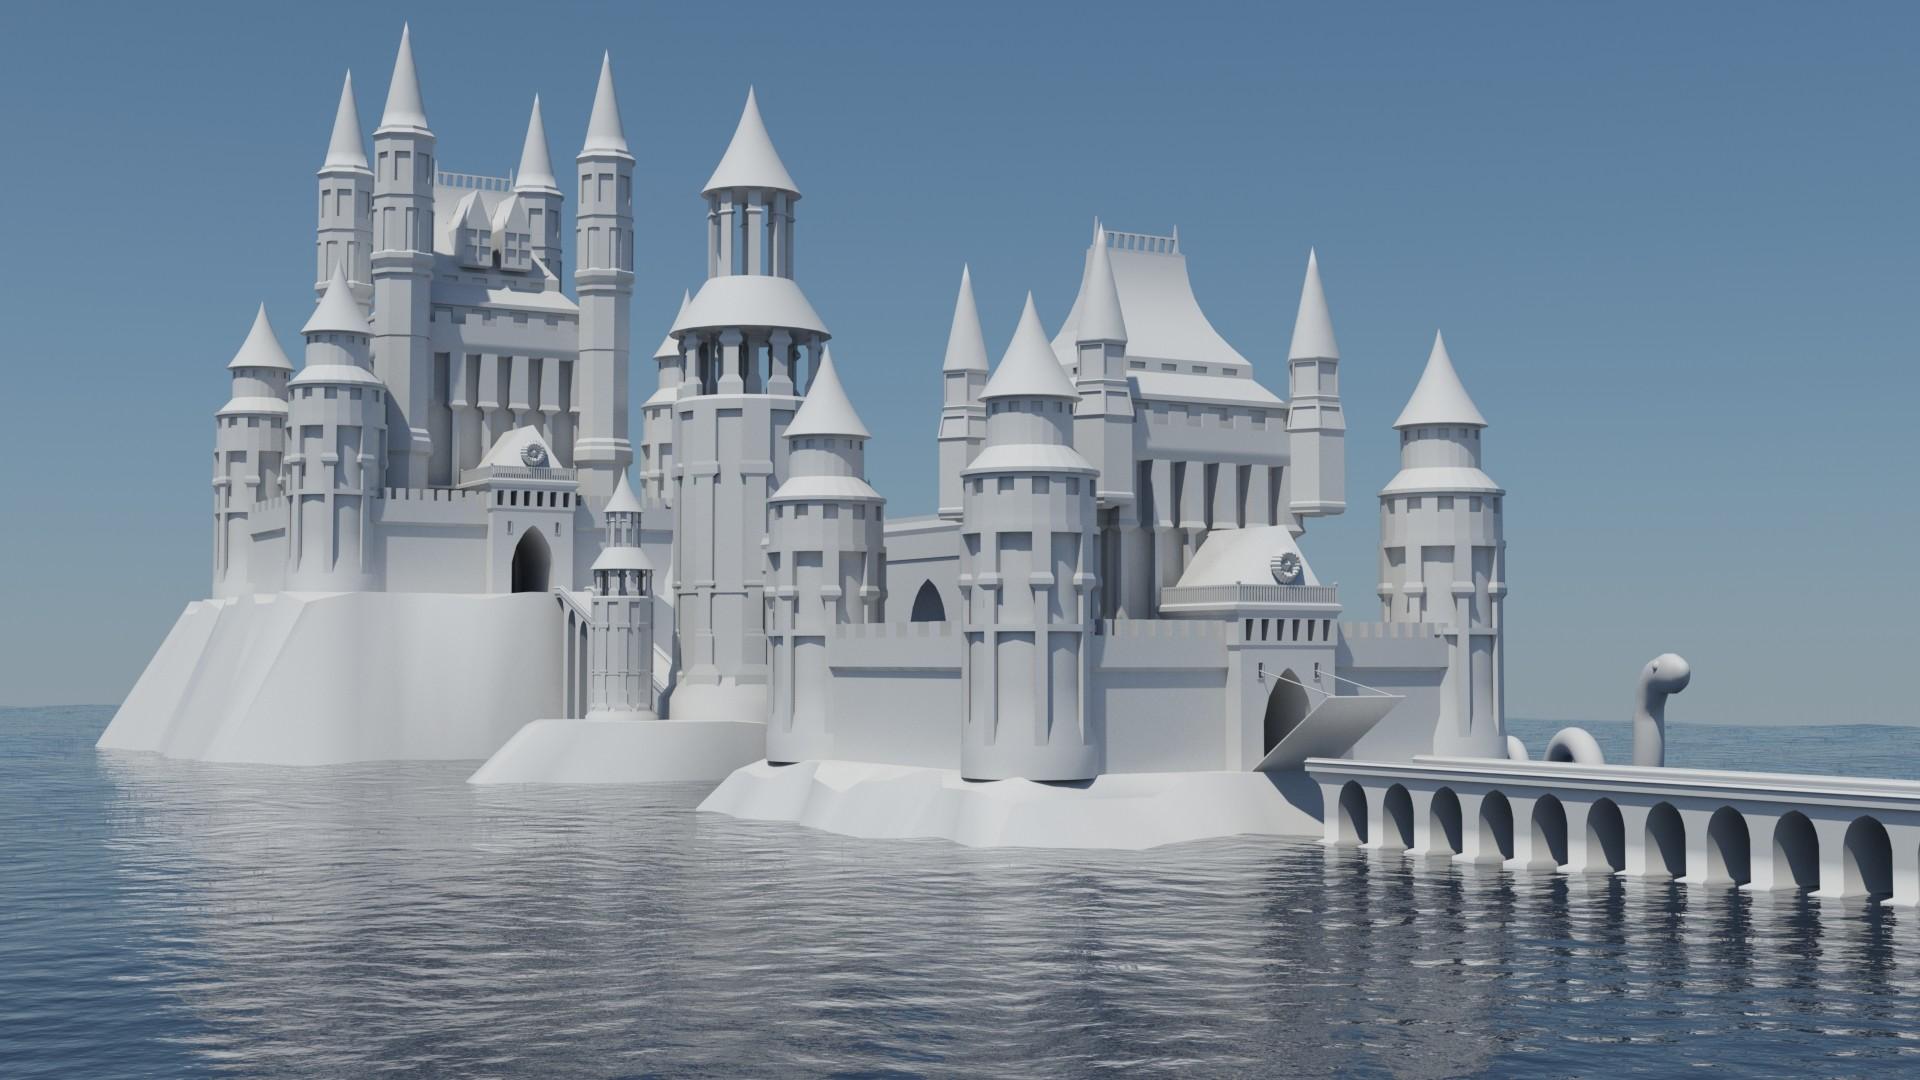 ArtStation - Fantasy Castle Concept Art , Elie Paquiet